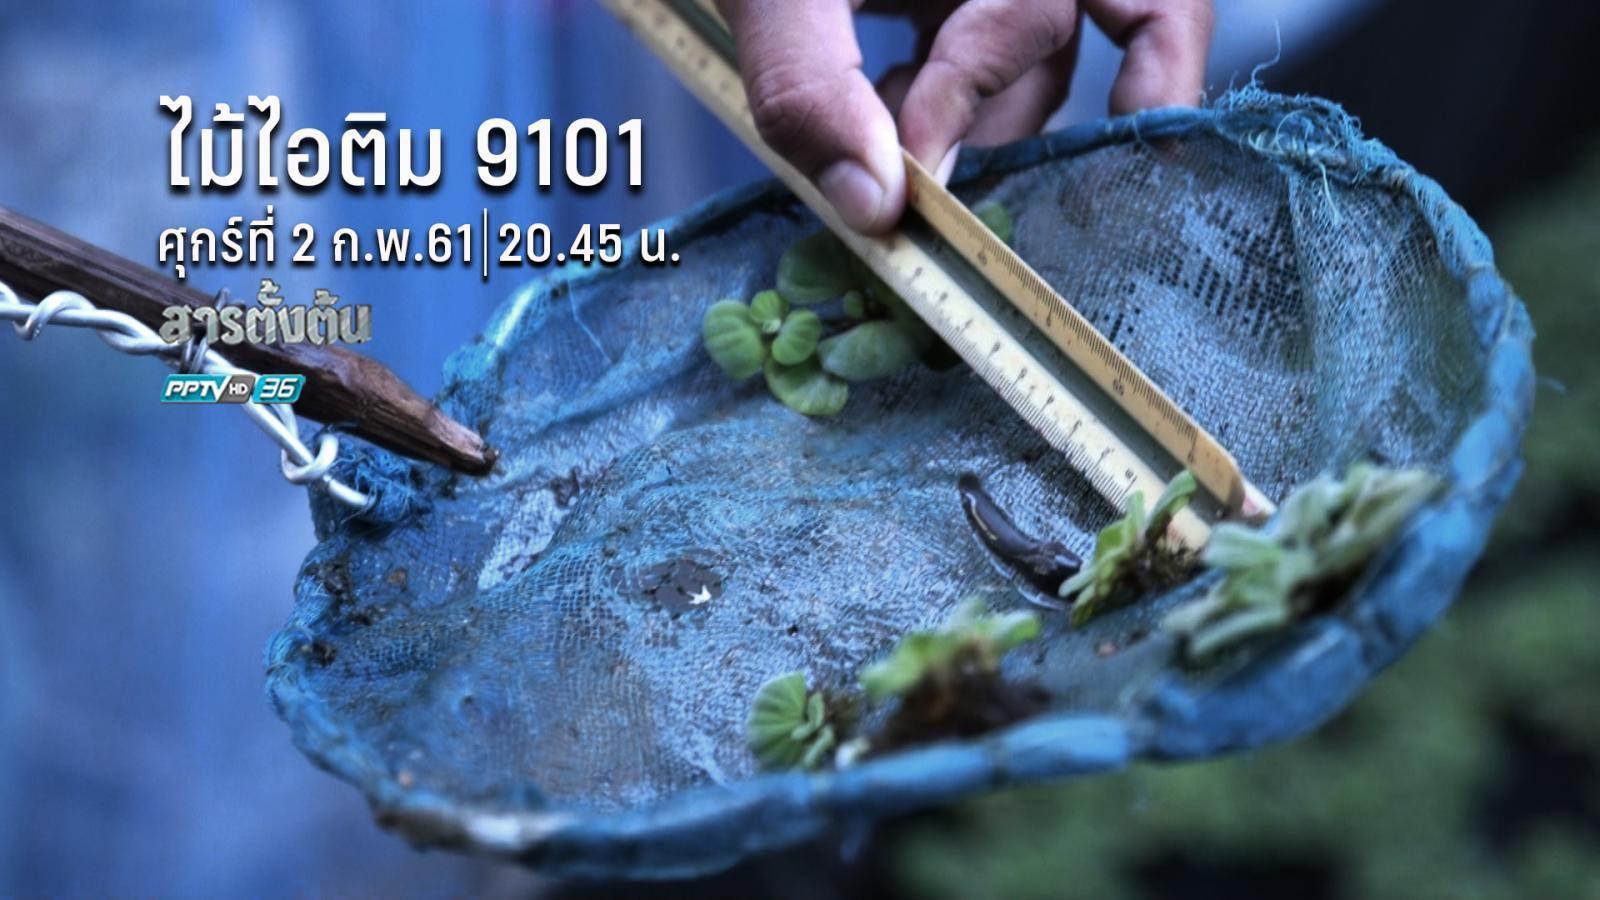 ไม้ไอติม 9101